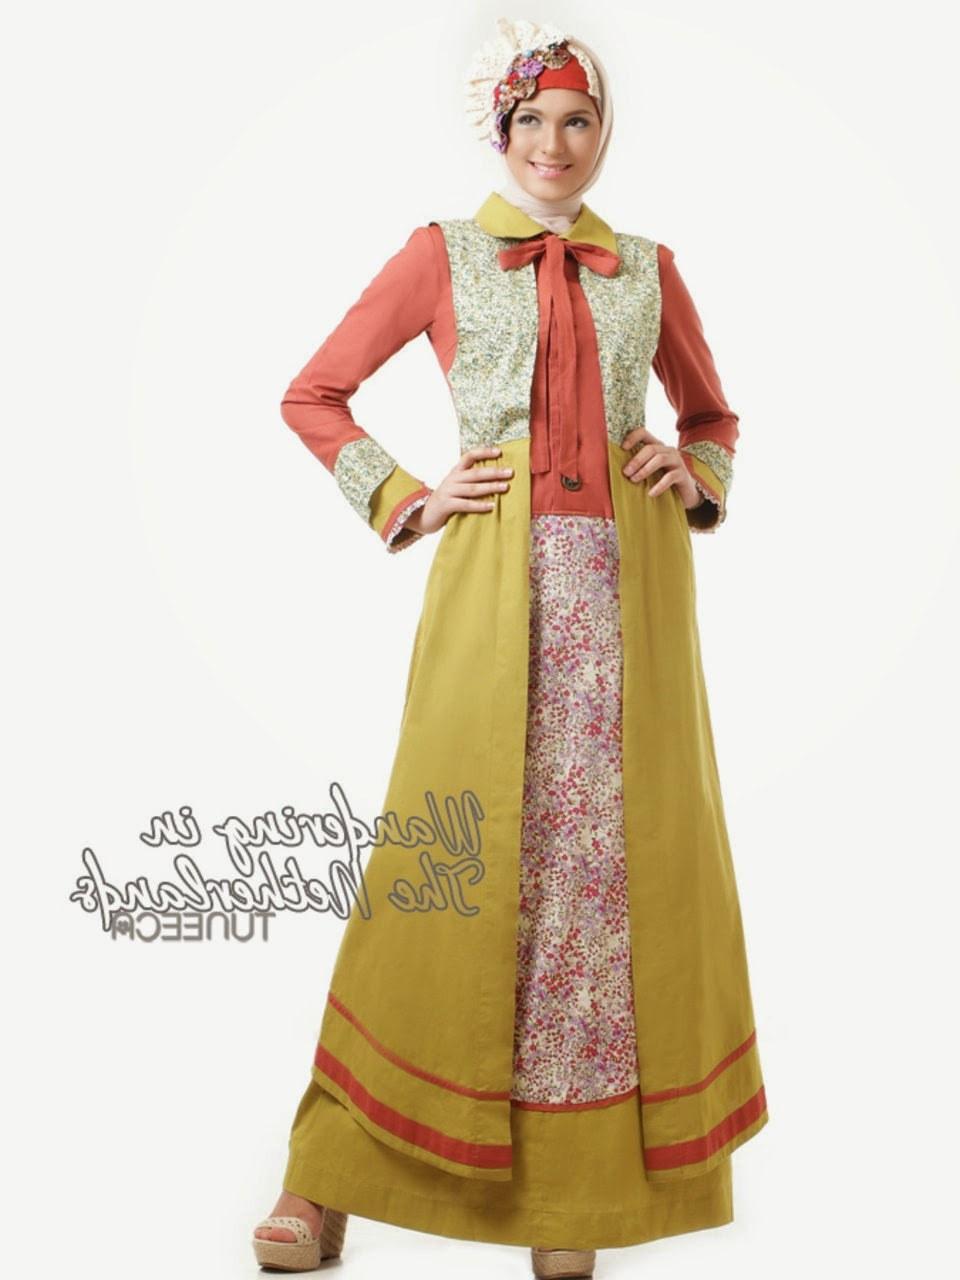 Bentuk Gambar Baju Lebaran Terbaru Wddj 12 Contoh Model Gamis Muslim Lebaran Terbaru Kumpulan